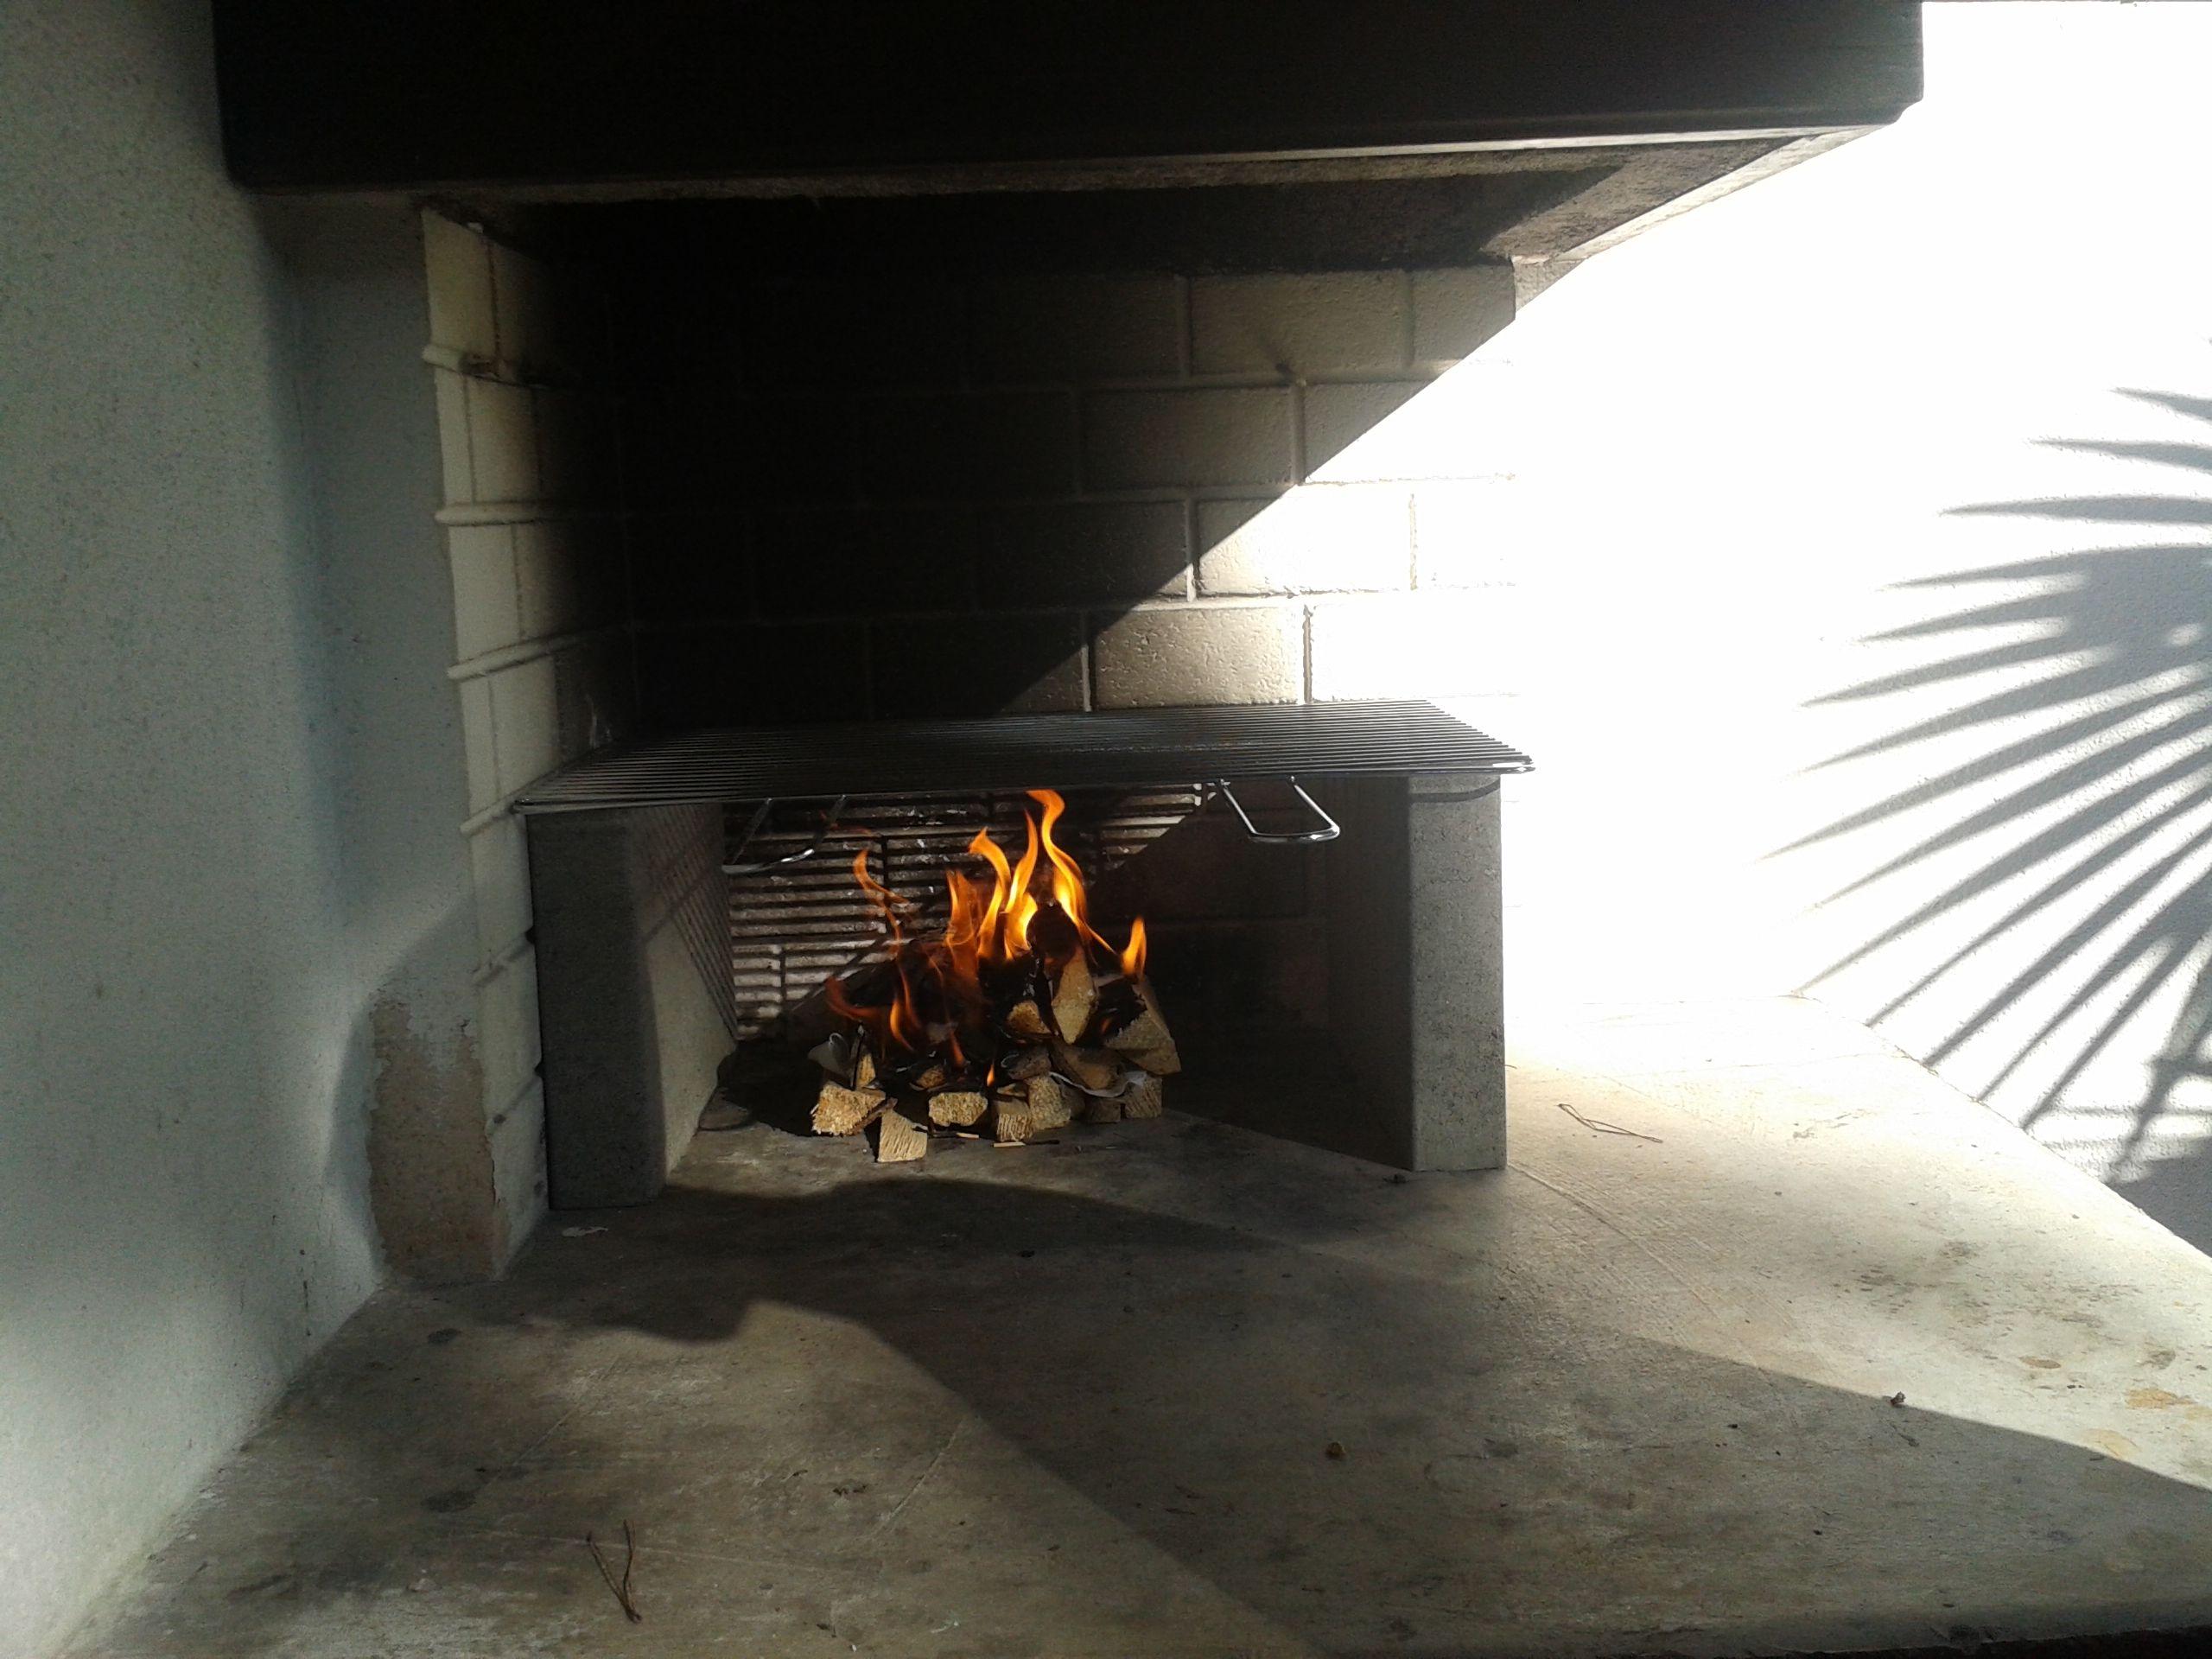 der steinofengrill wartet auf ihre würsterl und ihr steak | bungalow